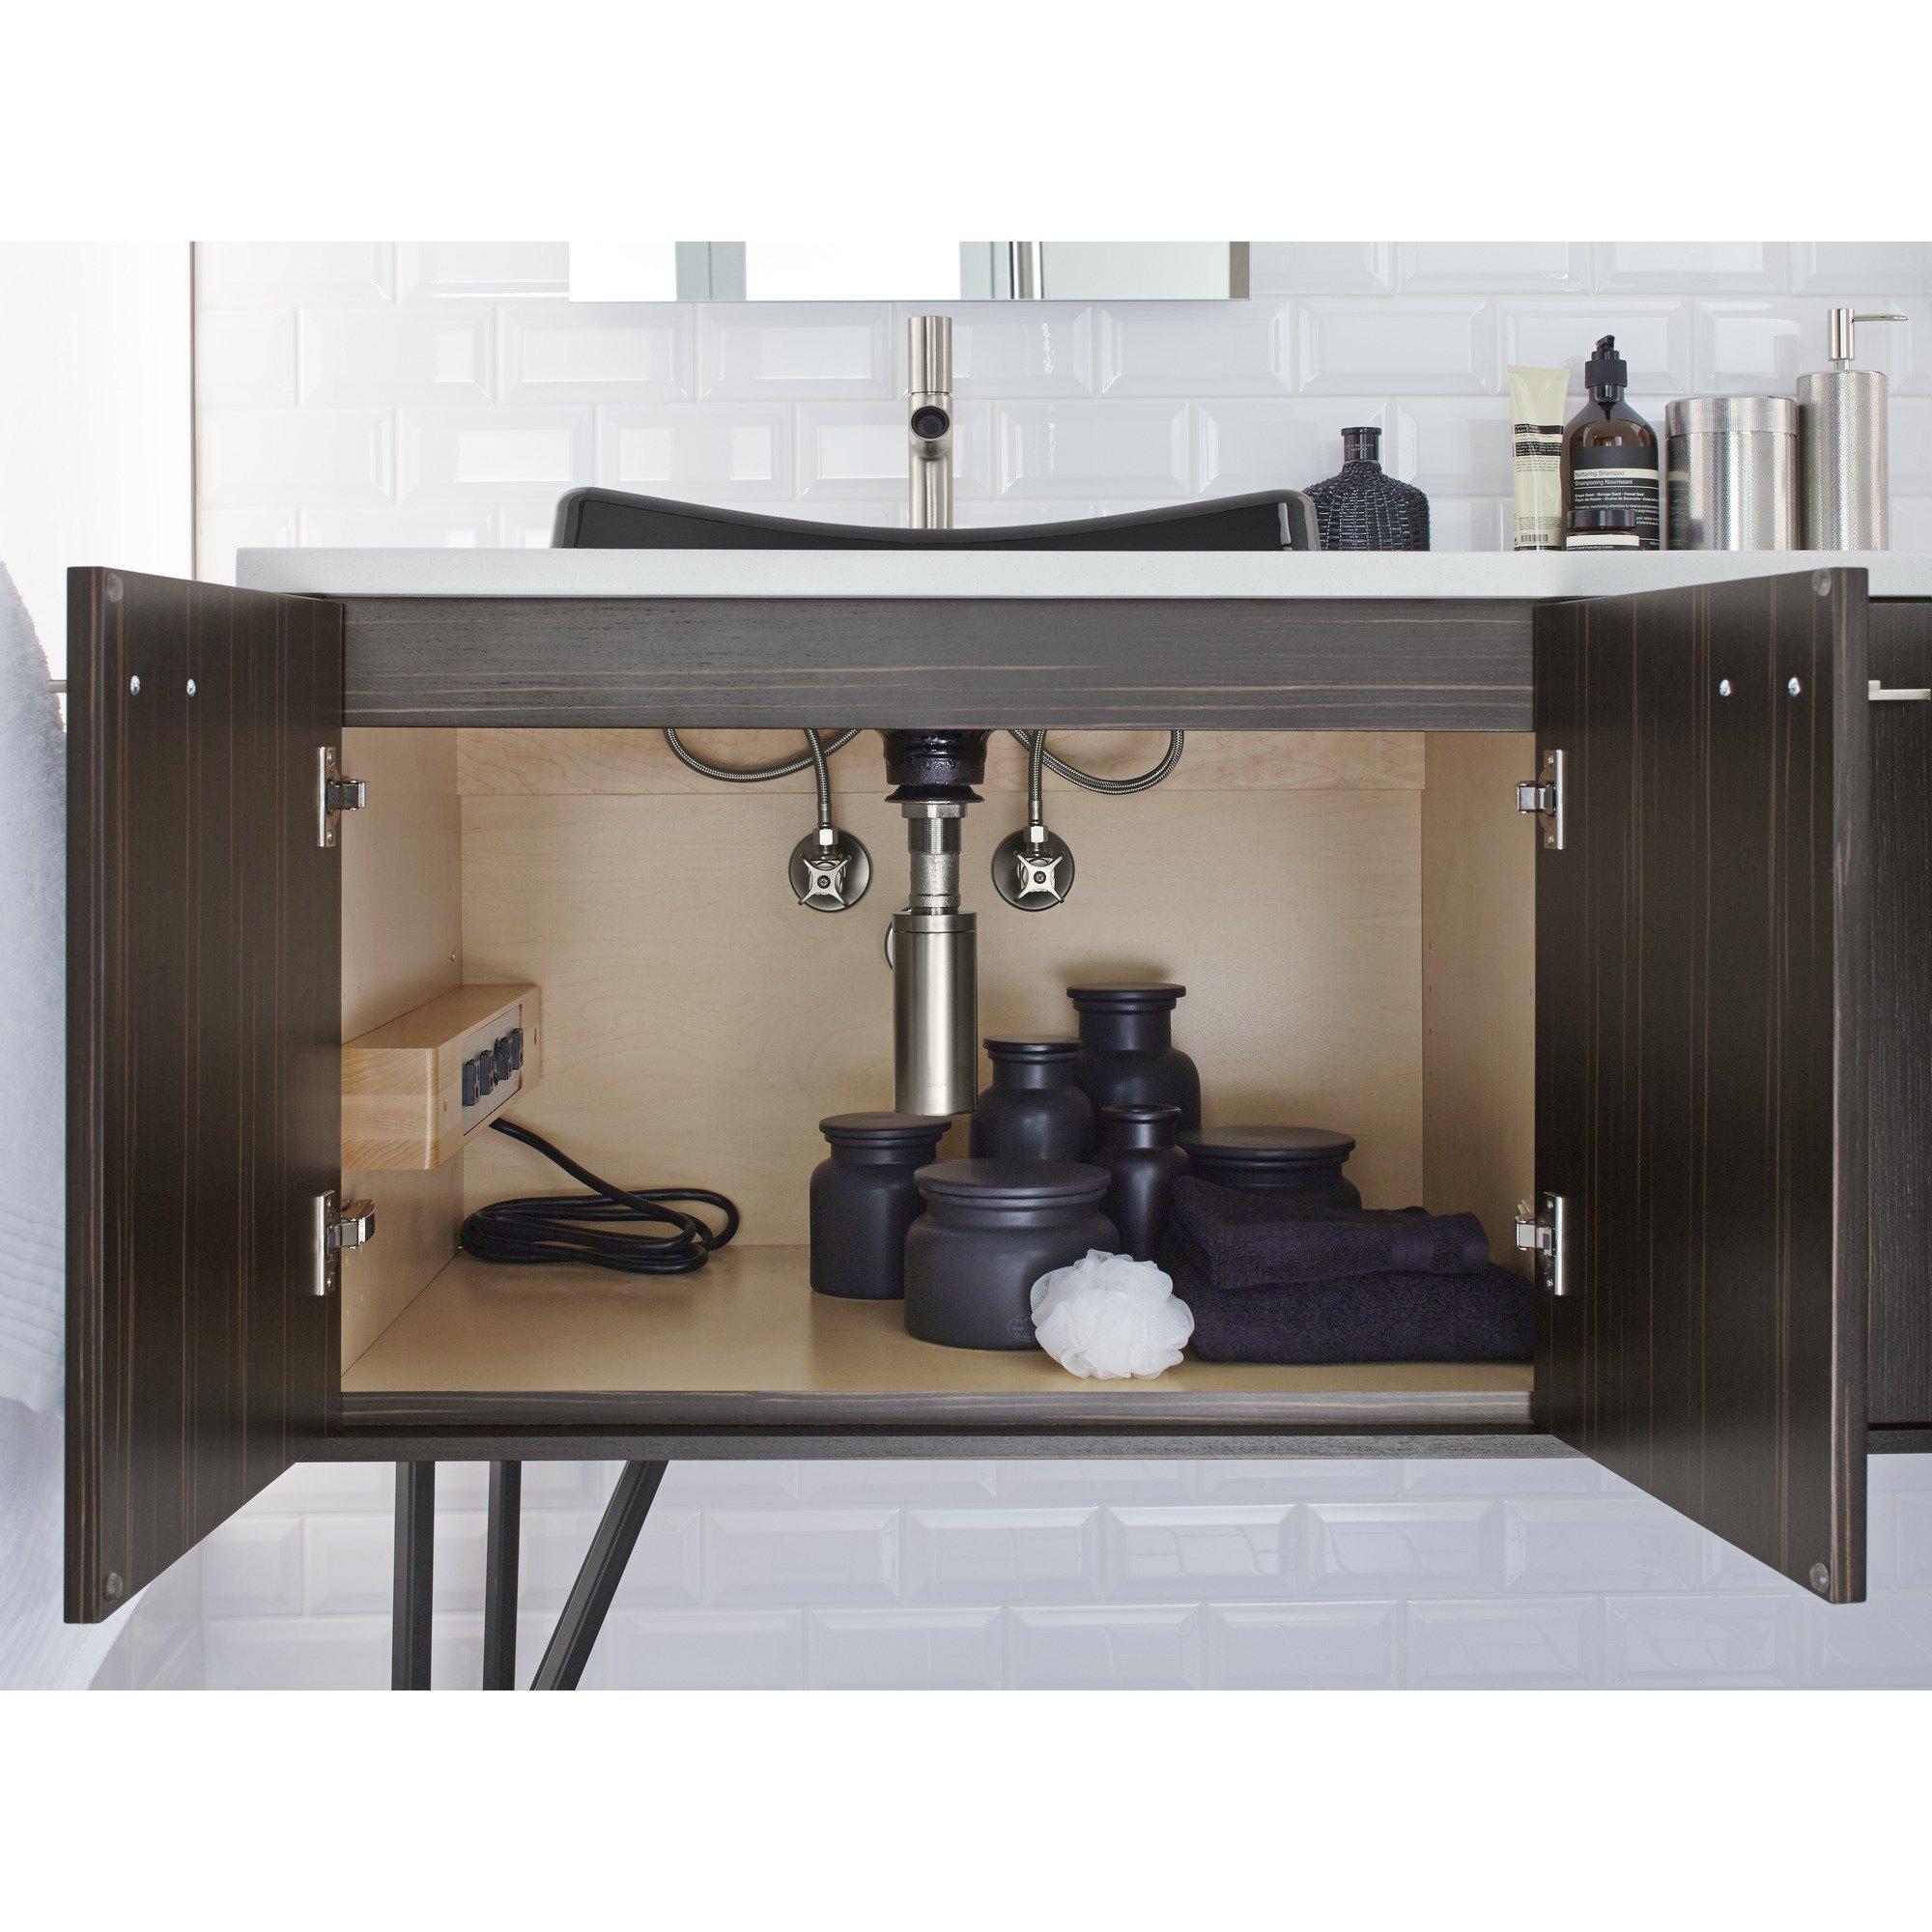 KOHLER K-99681-1WR Side-Mount Electrical Outlets for Tailored Vanities, Natural Maple by Kohler (Image #3)